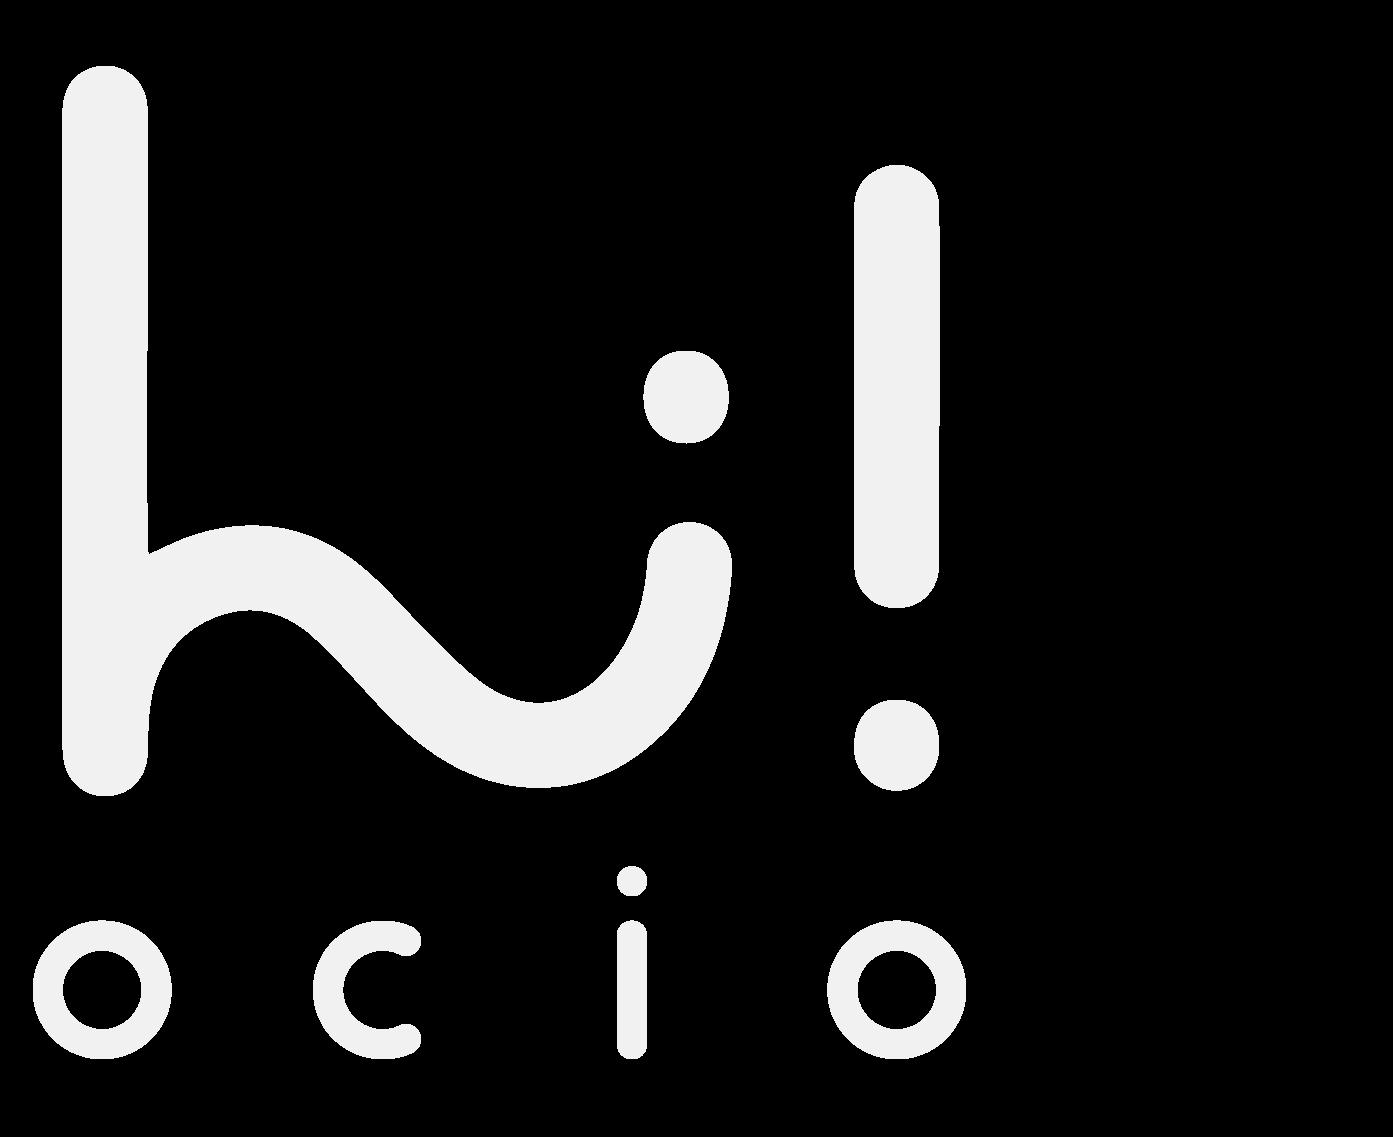 Hi! Ocio